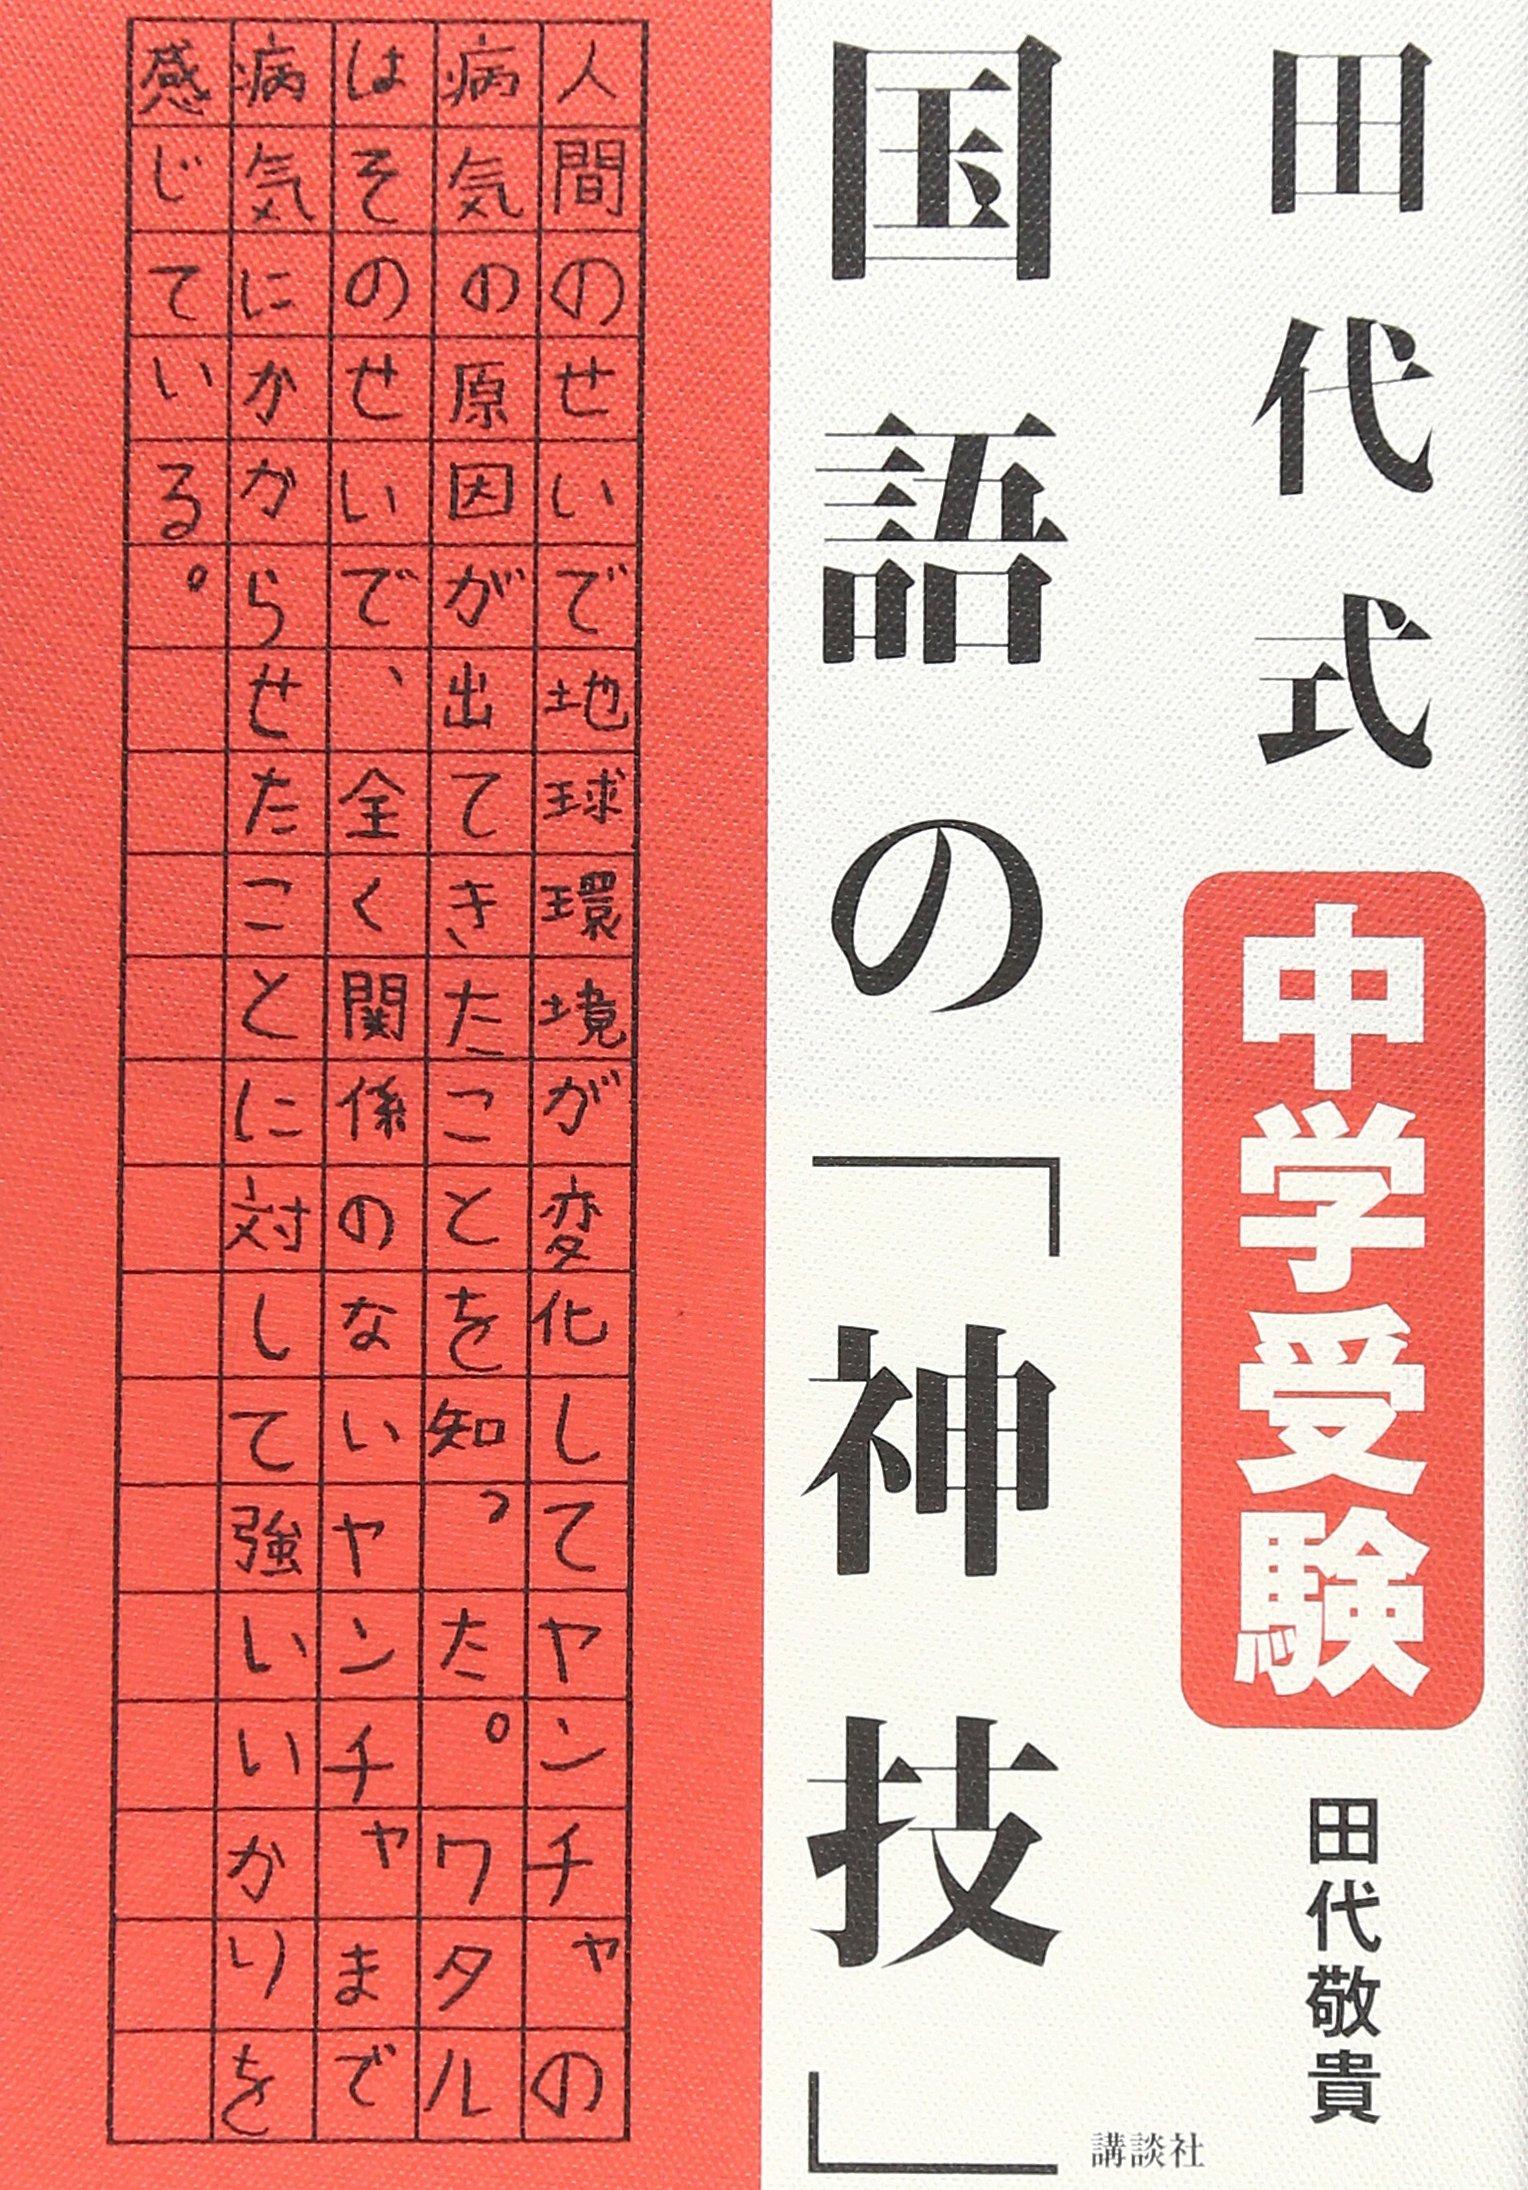 田代式 中学受験 国語の「神技」...